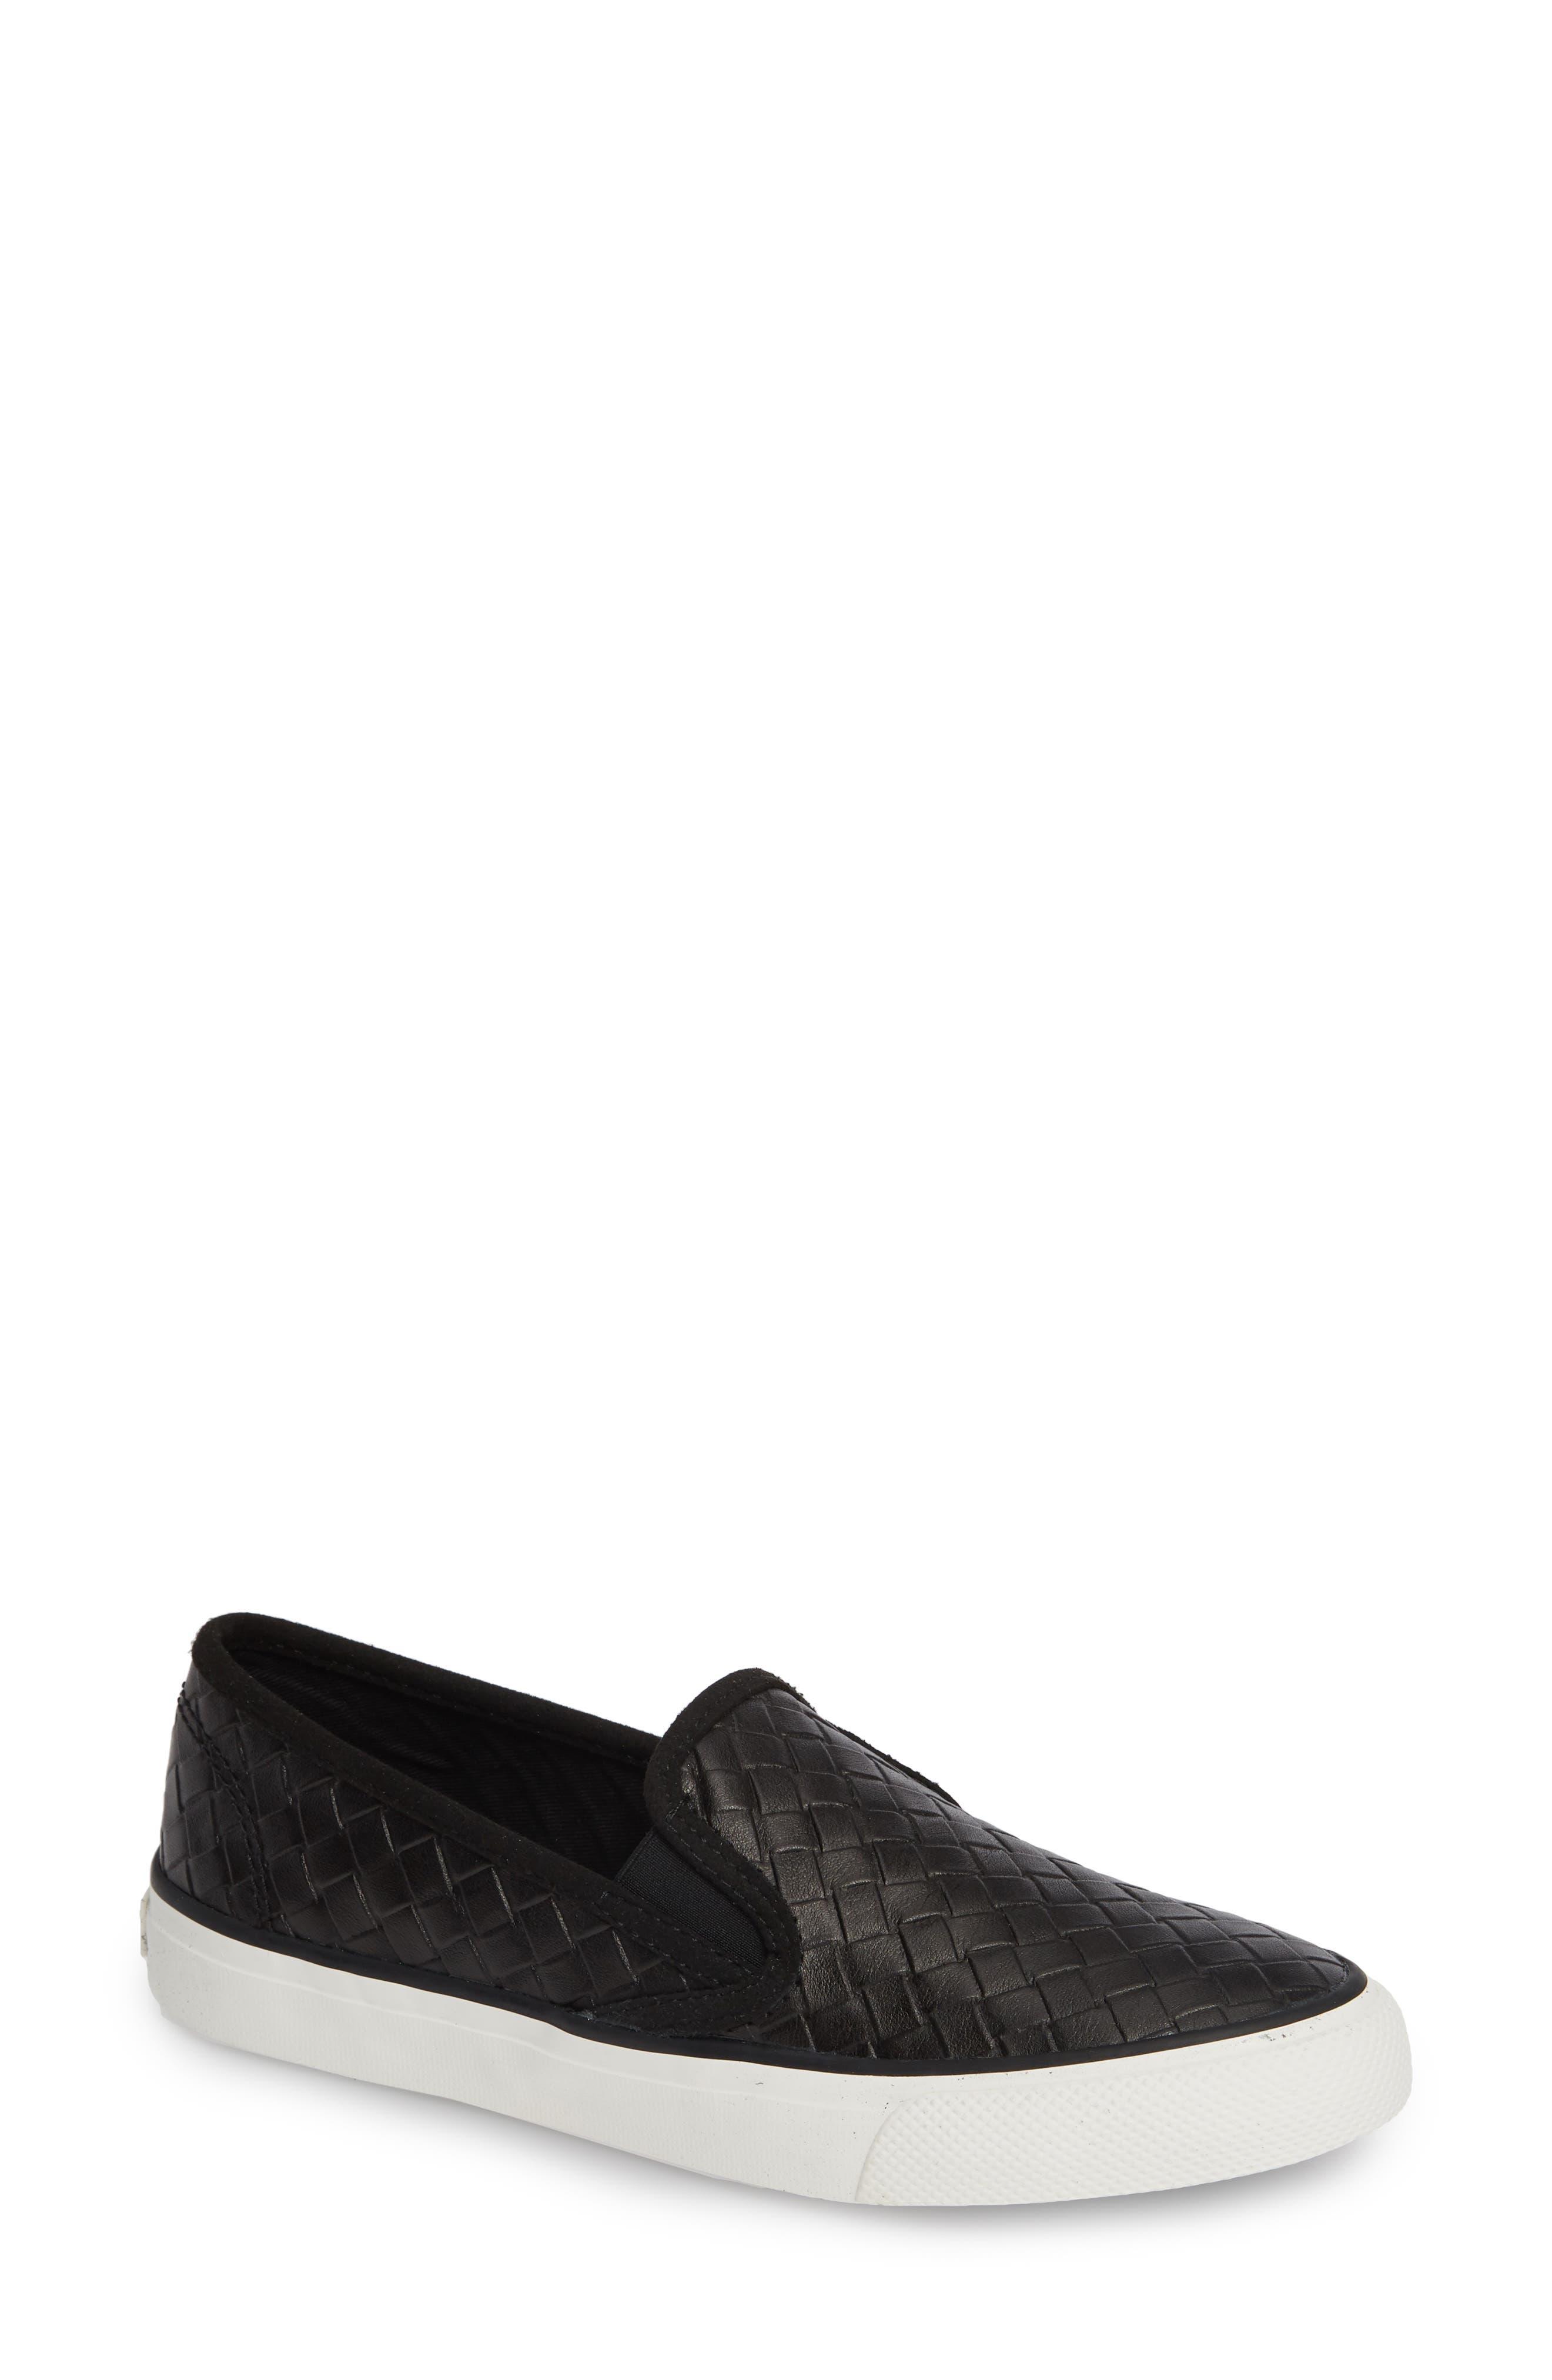 Seaside Embossed Weave Slip-On Sneaker,                         Main,                         color, 001